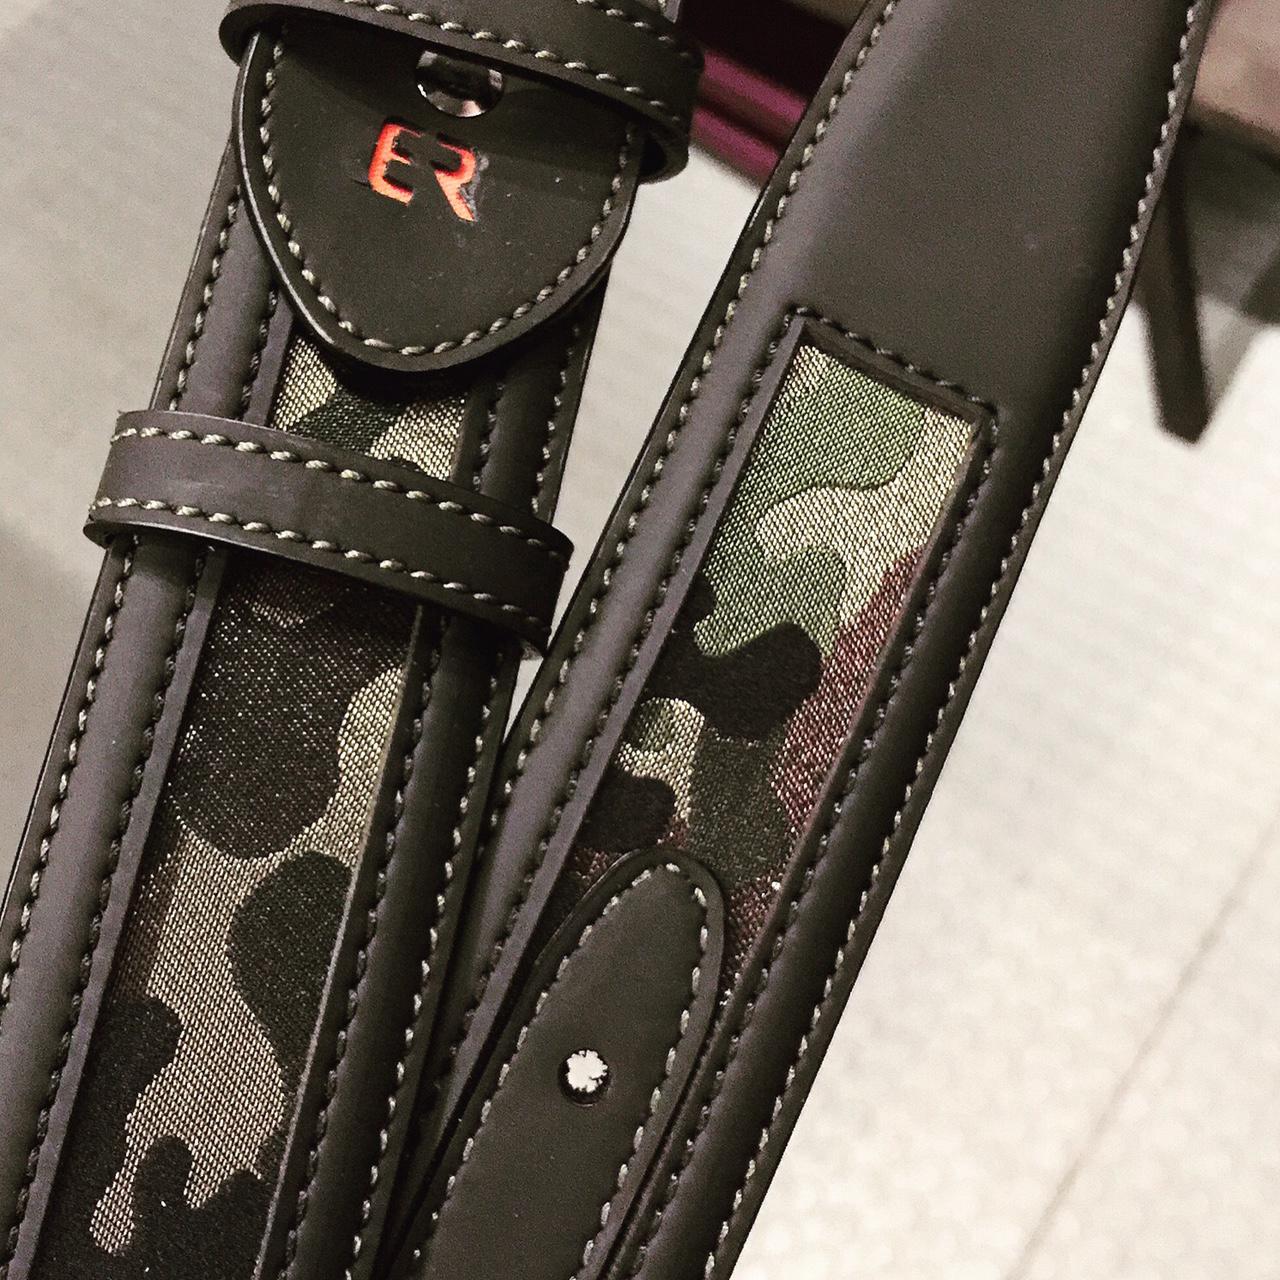 エリオットローズロンドン JR京都伊勢丹百貨店限定ストラップ40mm